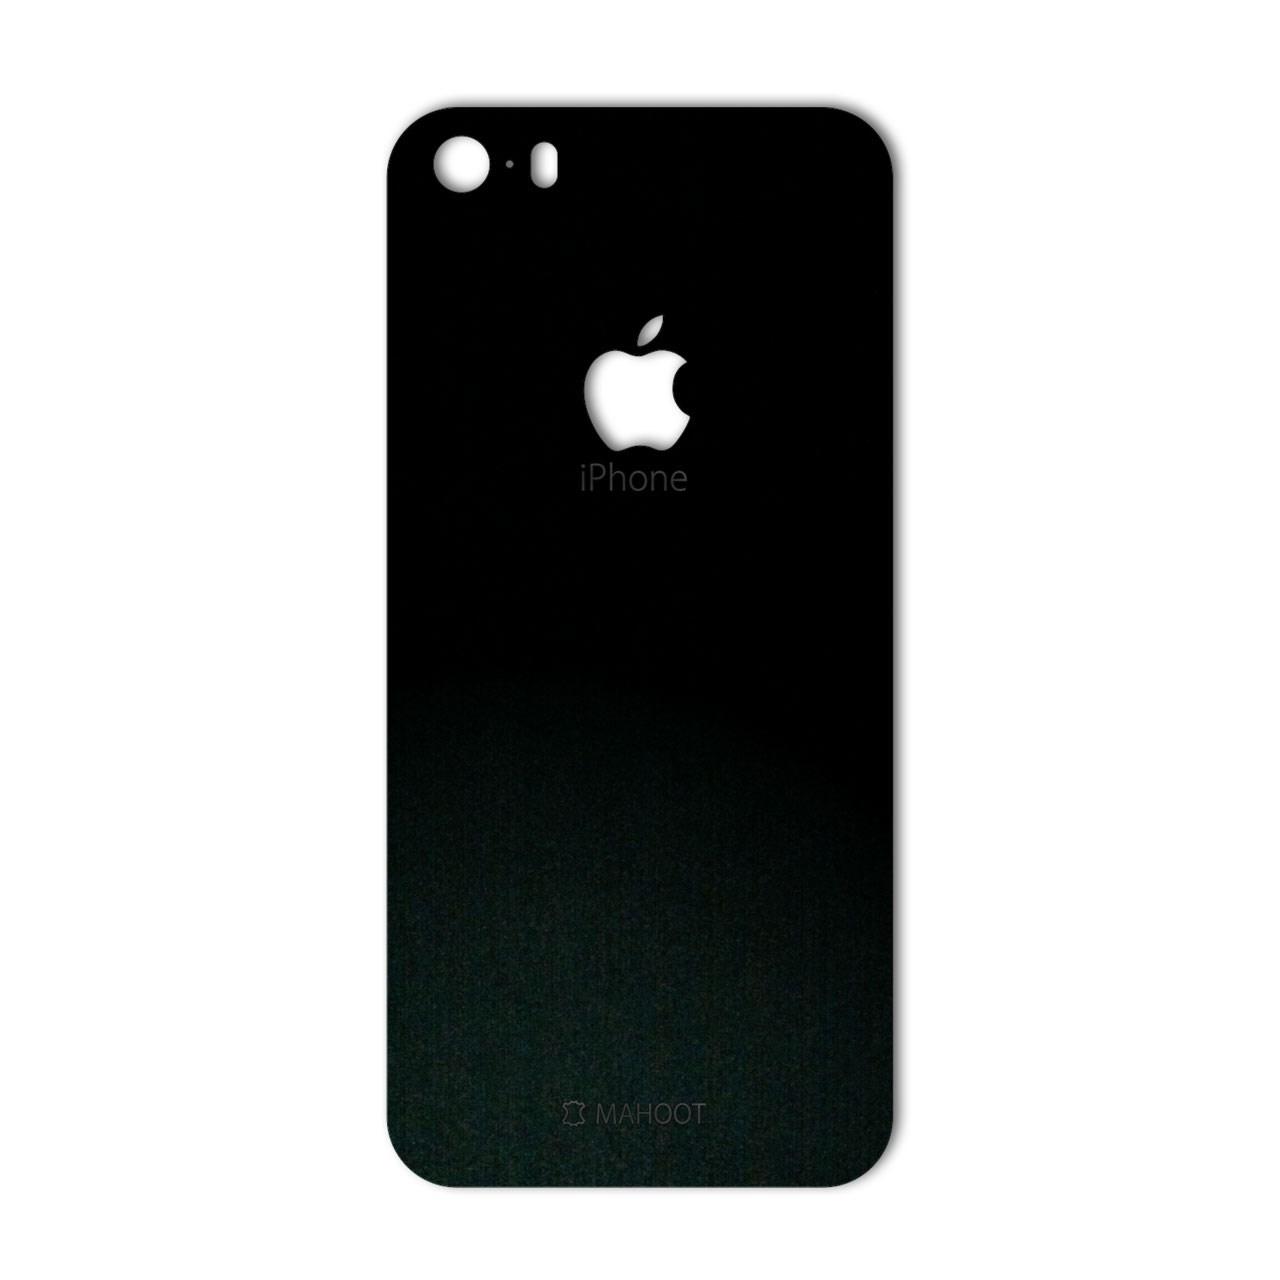 برچسب پوششی ماهوت مدل Black-suede Special مناسب برای گوشی  iPhone 5S-SE